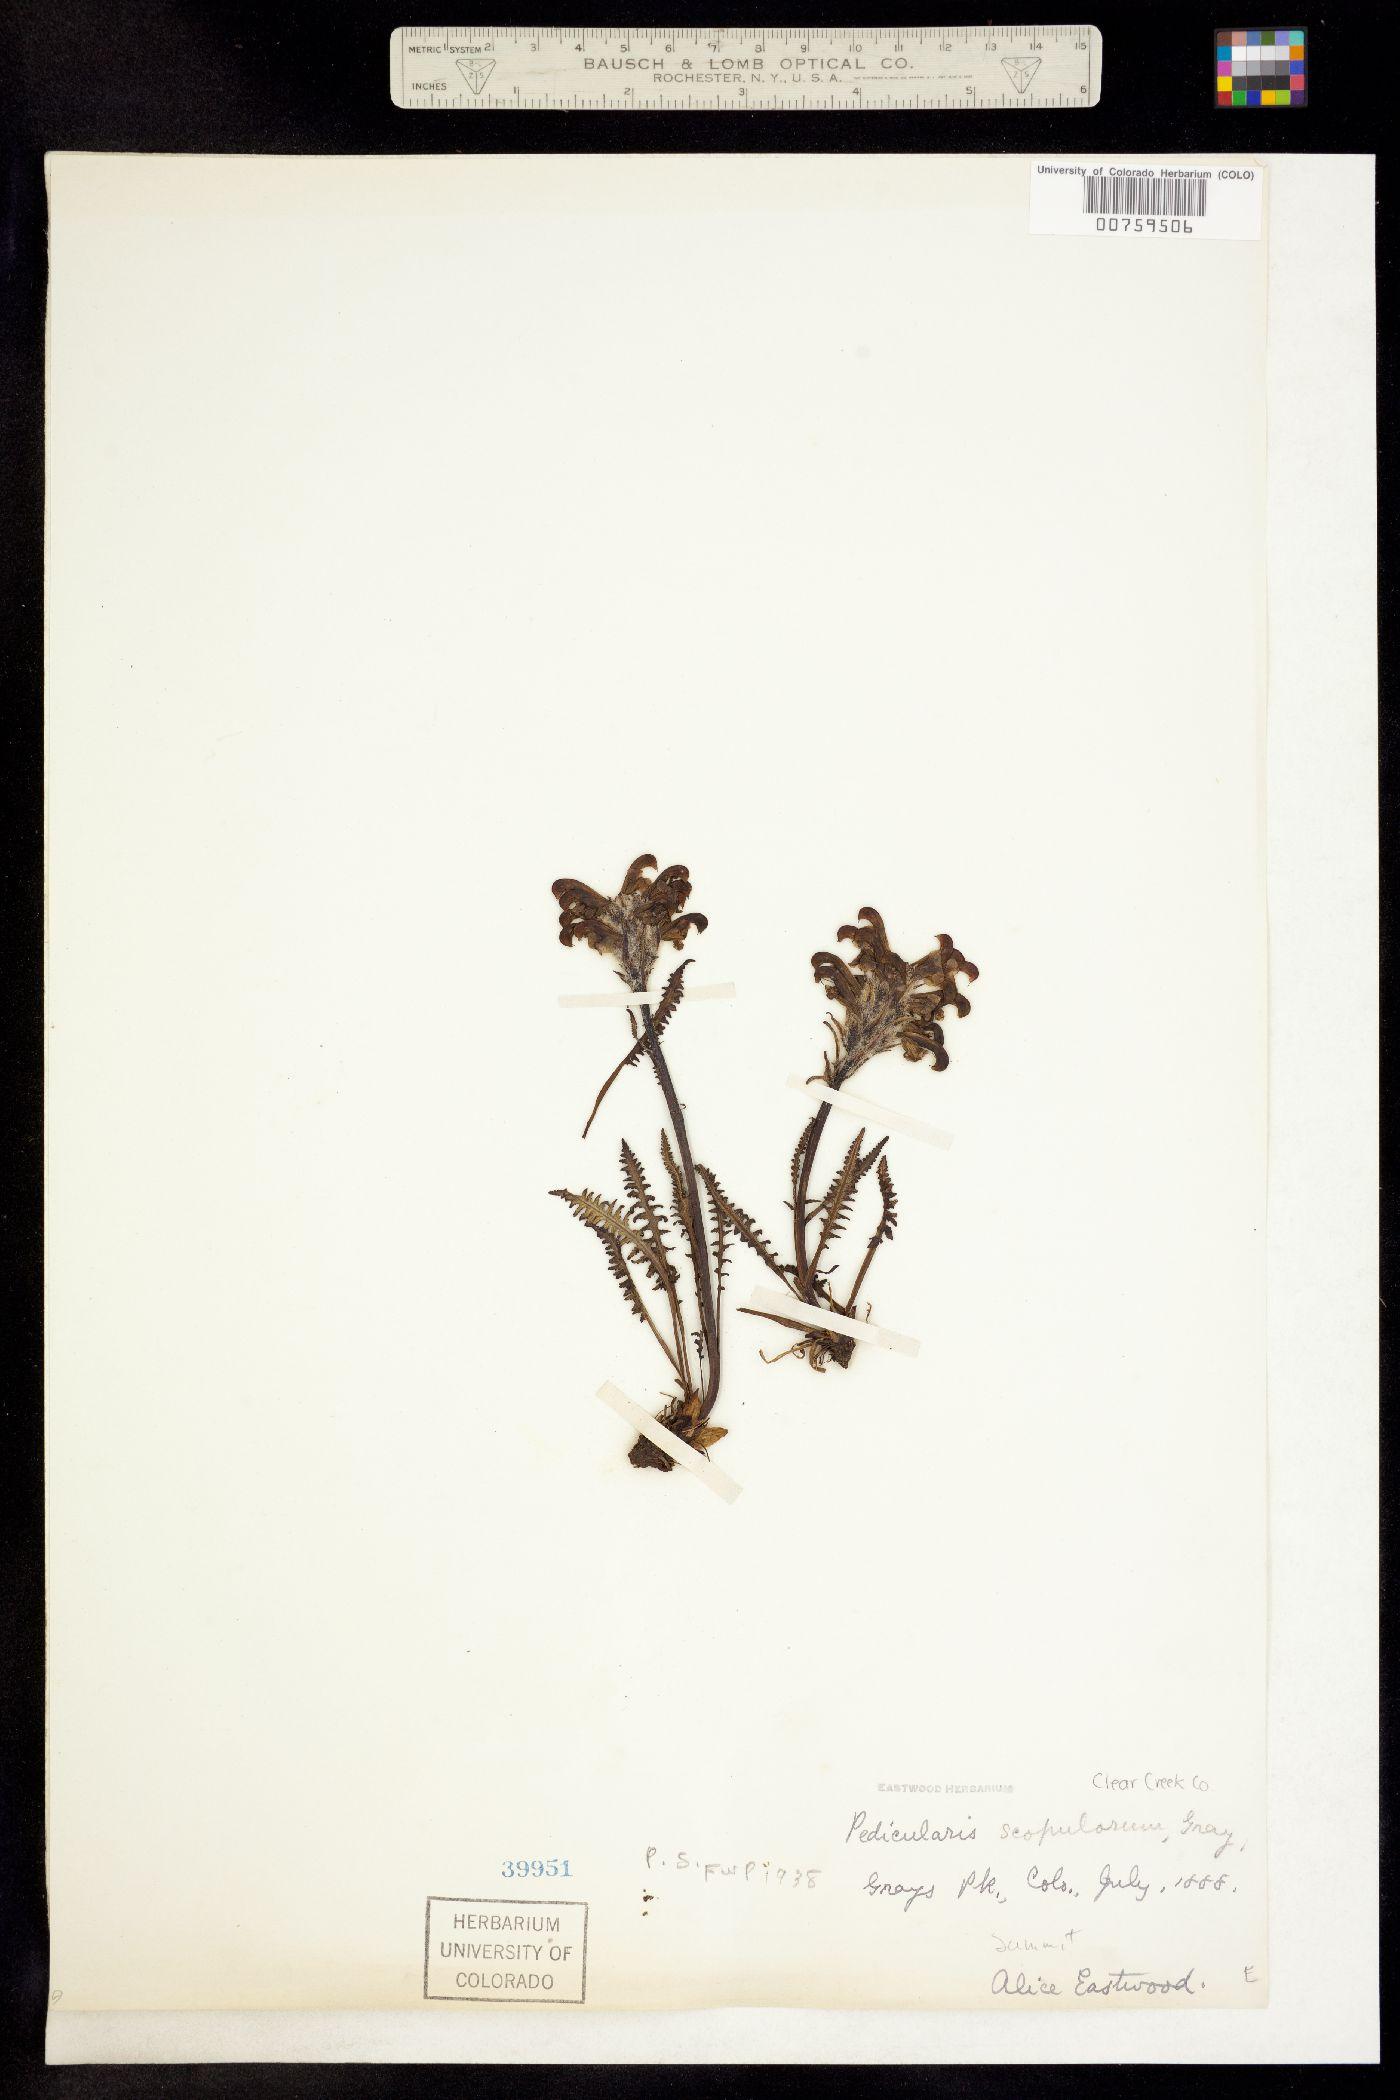 Pedicularis sudetica subsp. scopulorum image